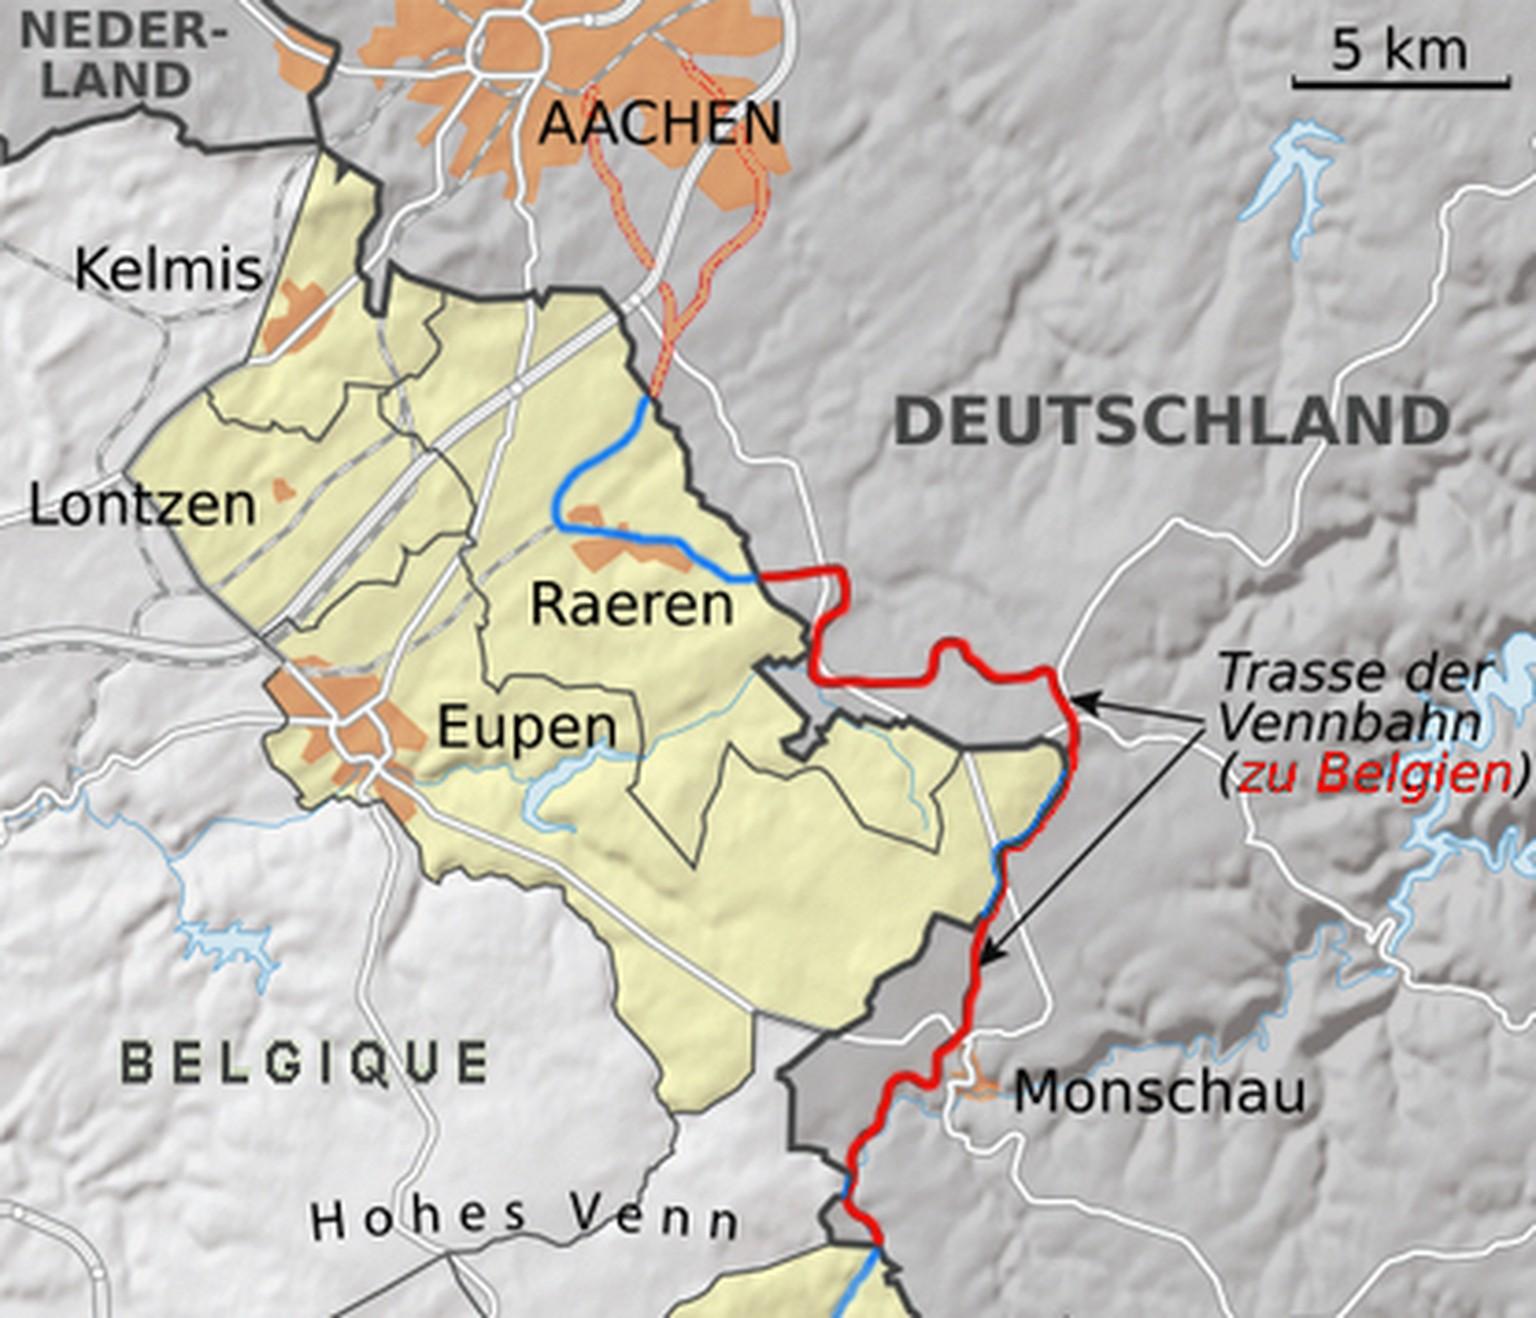 Verlauf Ddr Grenze Karte.Verrückte Grenzen Teil Ii Sechs Kuriose Fälle In Europa Watson